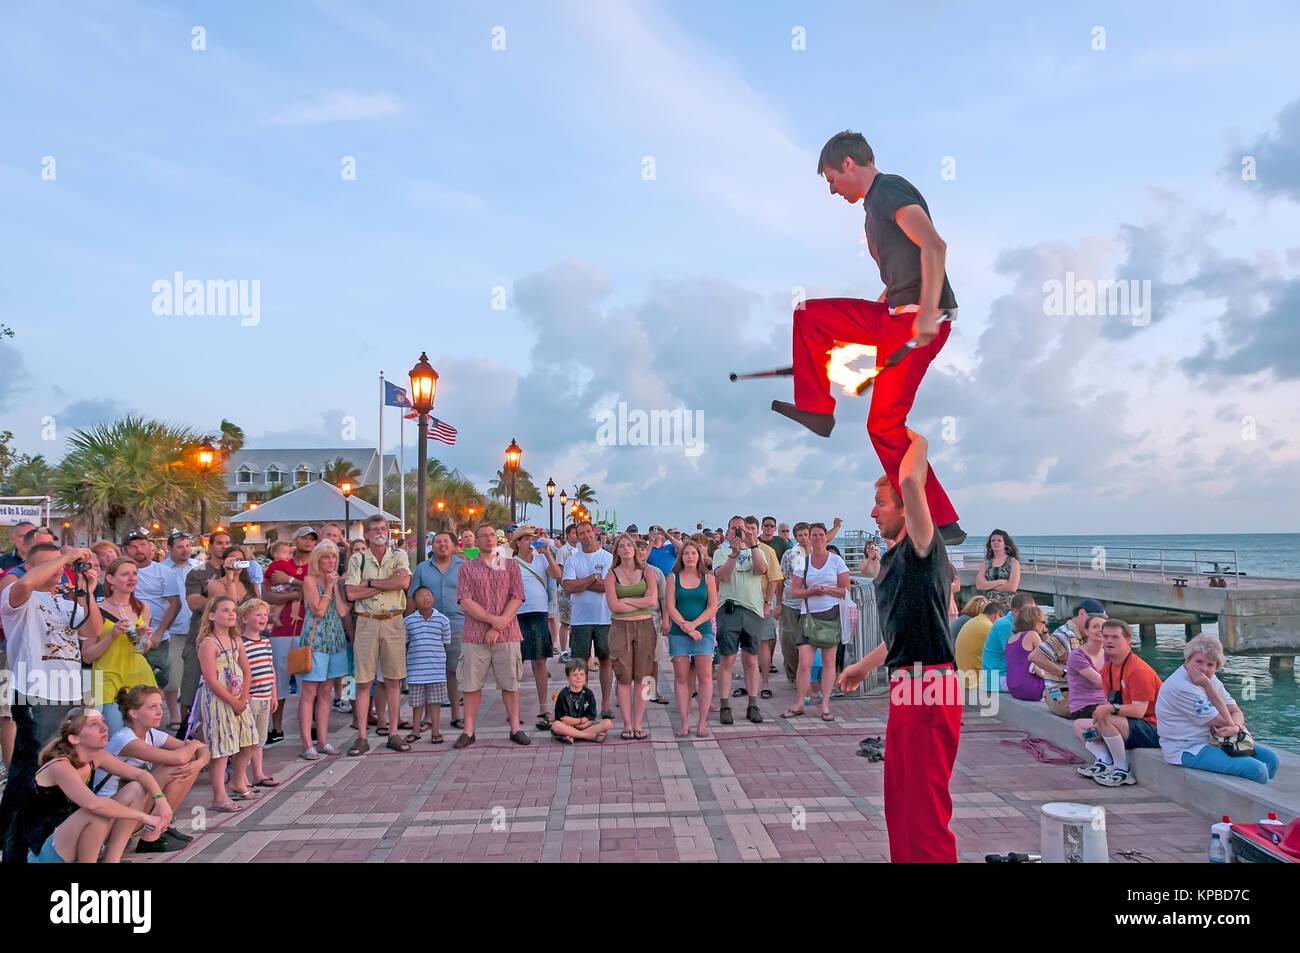 Acrobatic jugglers with fire batons Sunset Celebration Key West Florida - Stock Image